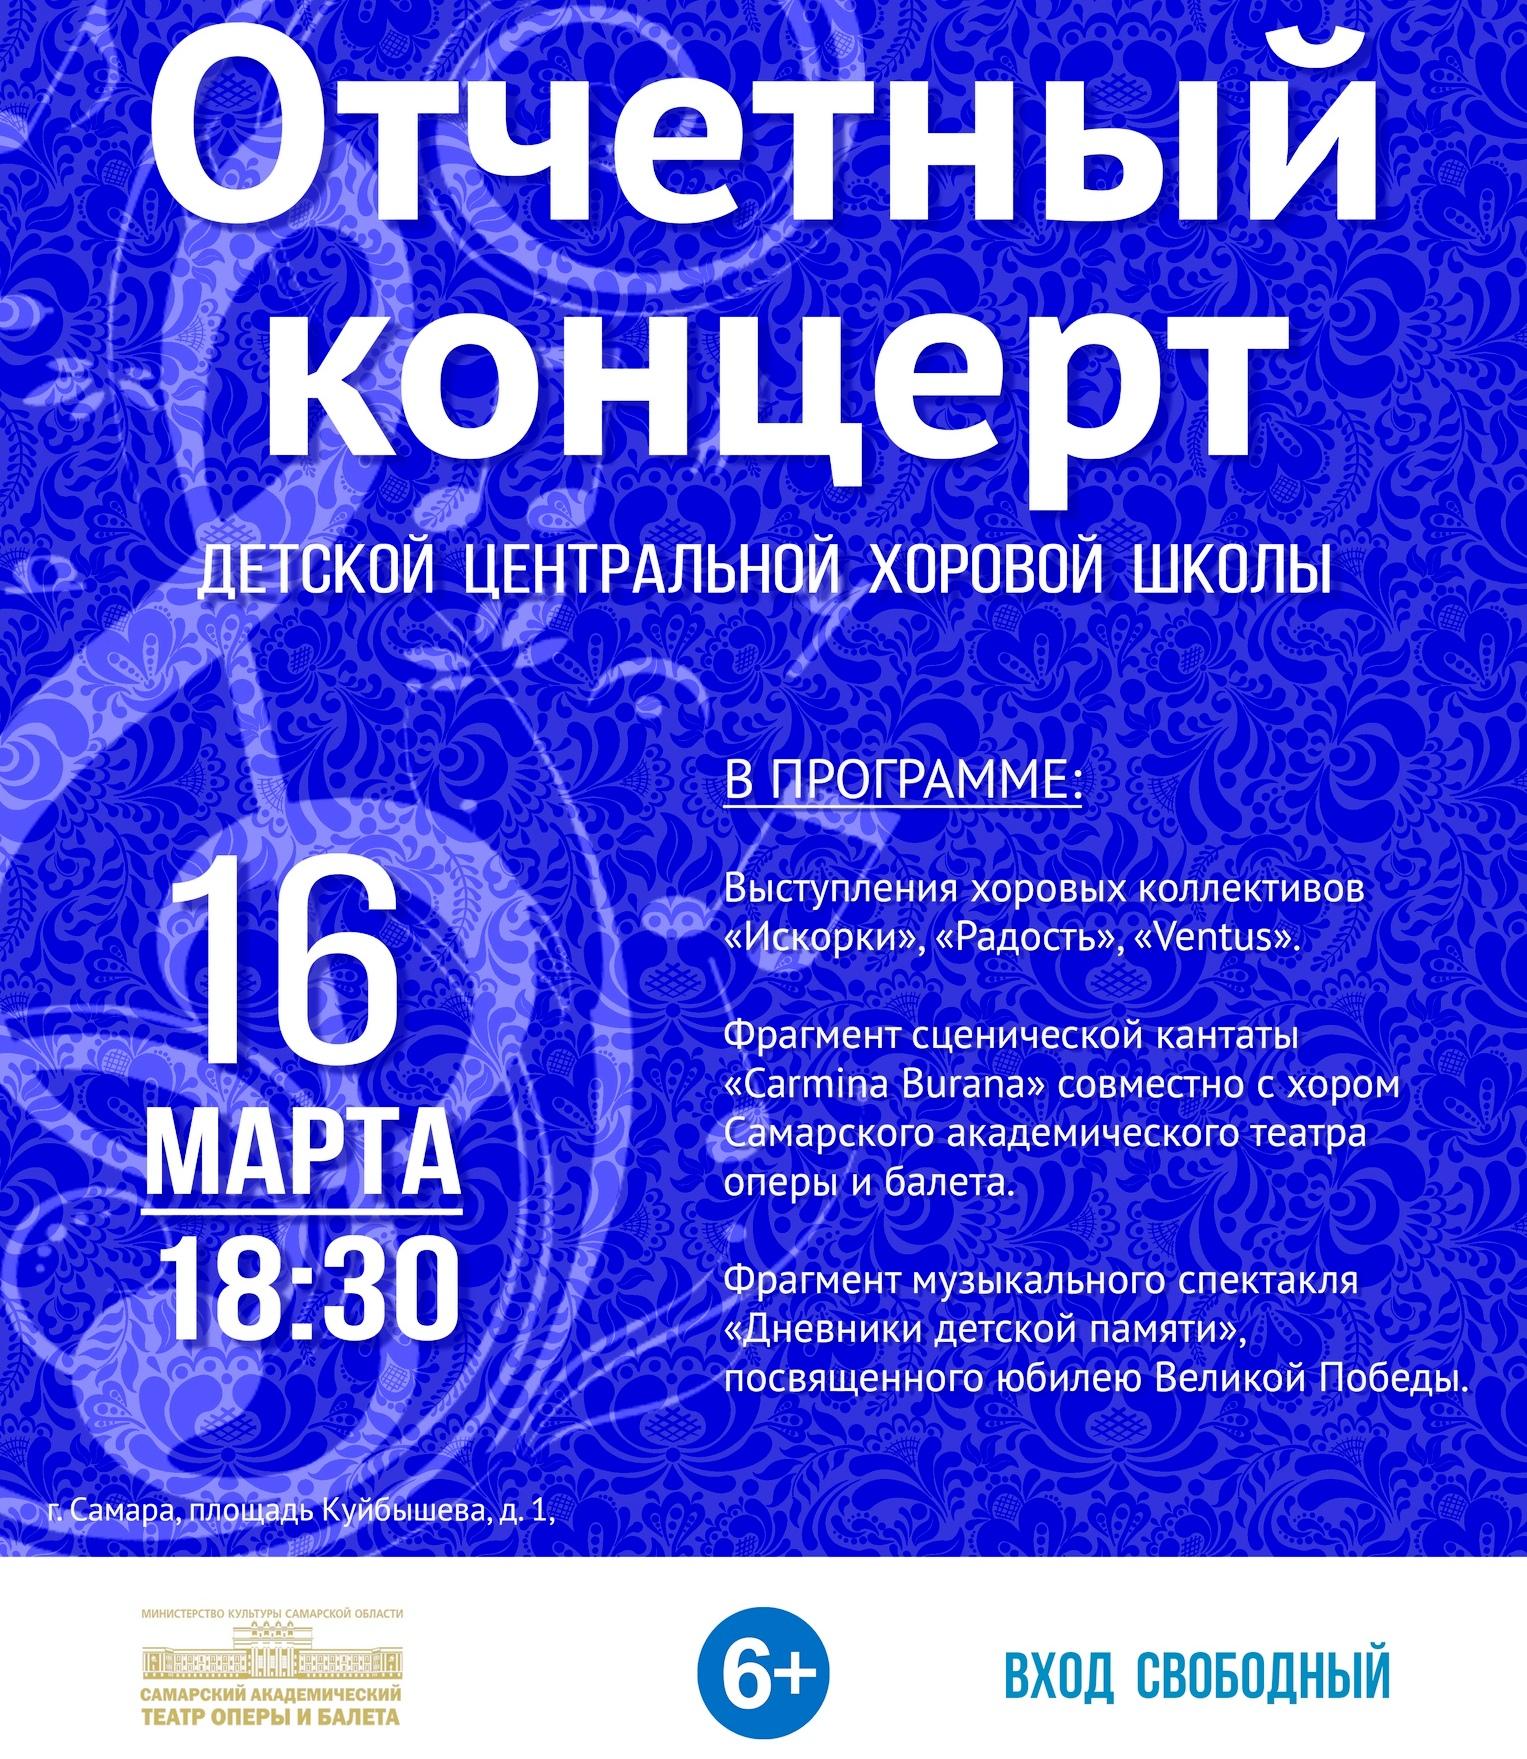 Бесплатный концерт